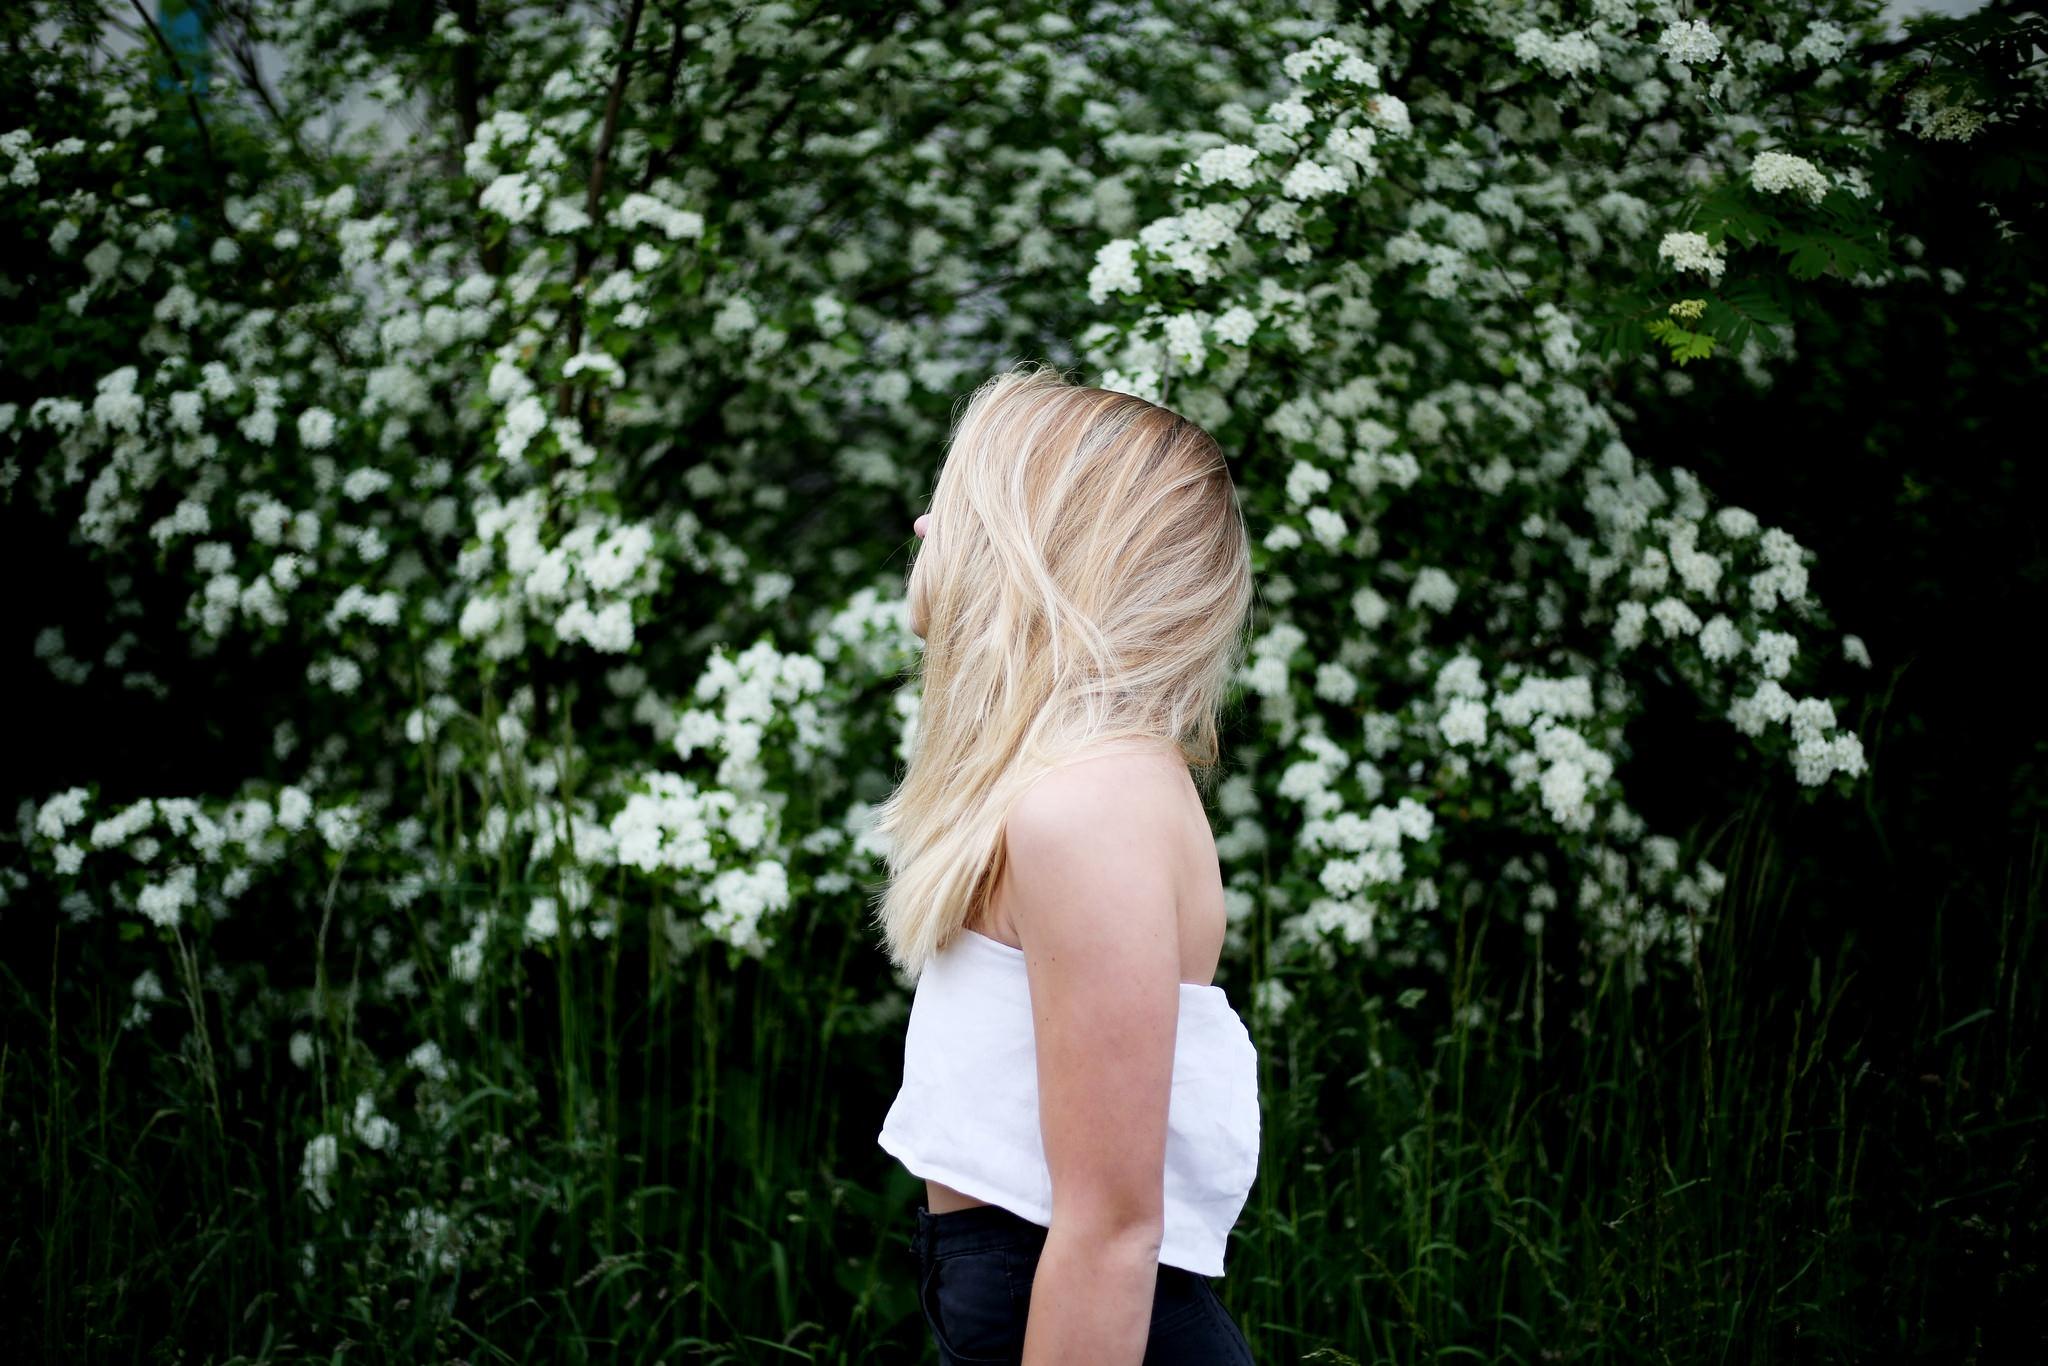 Картинки, картинка блондинки без лица